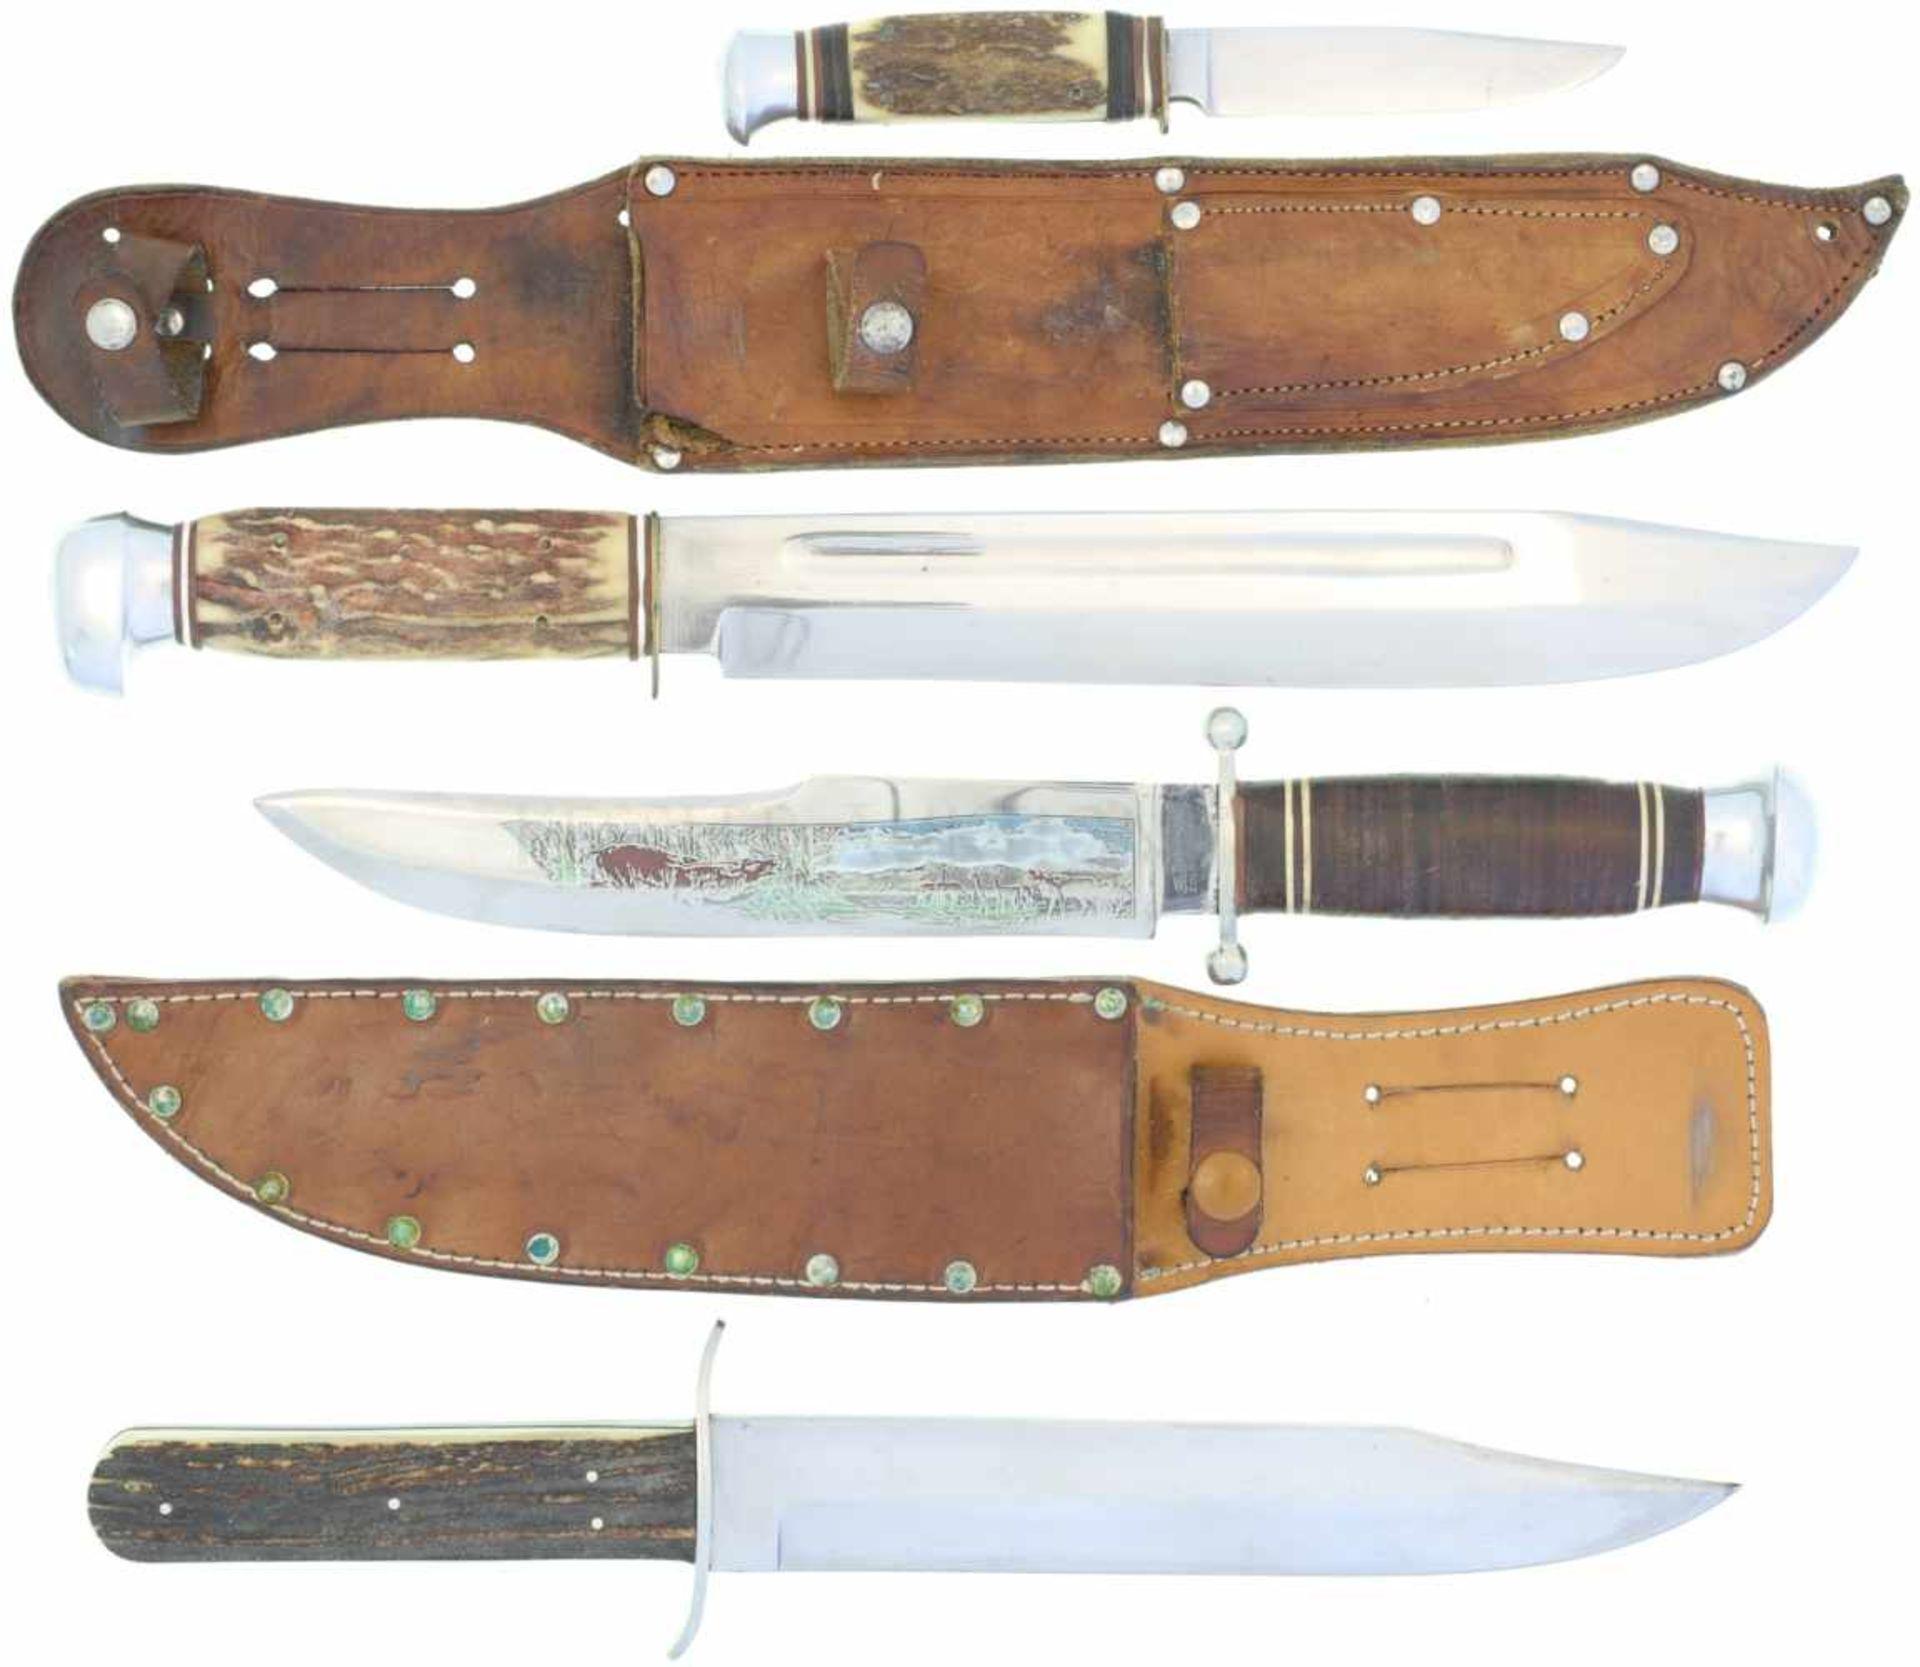 Los 40 - Konvolut von 3 Bowiemessern und 1 Fahrtenmesser 1. Weber Solingen, KL 258mm,TL 382mm, Rückenklinge